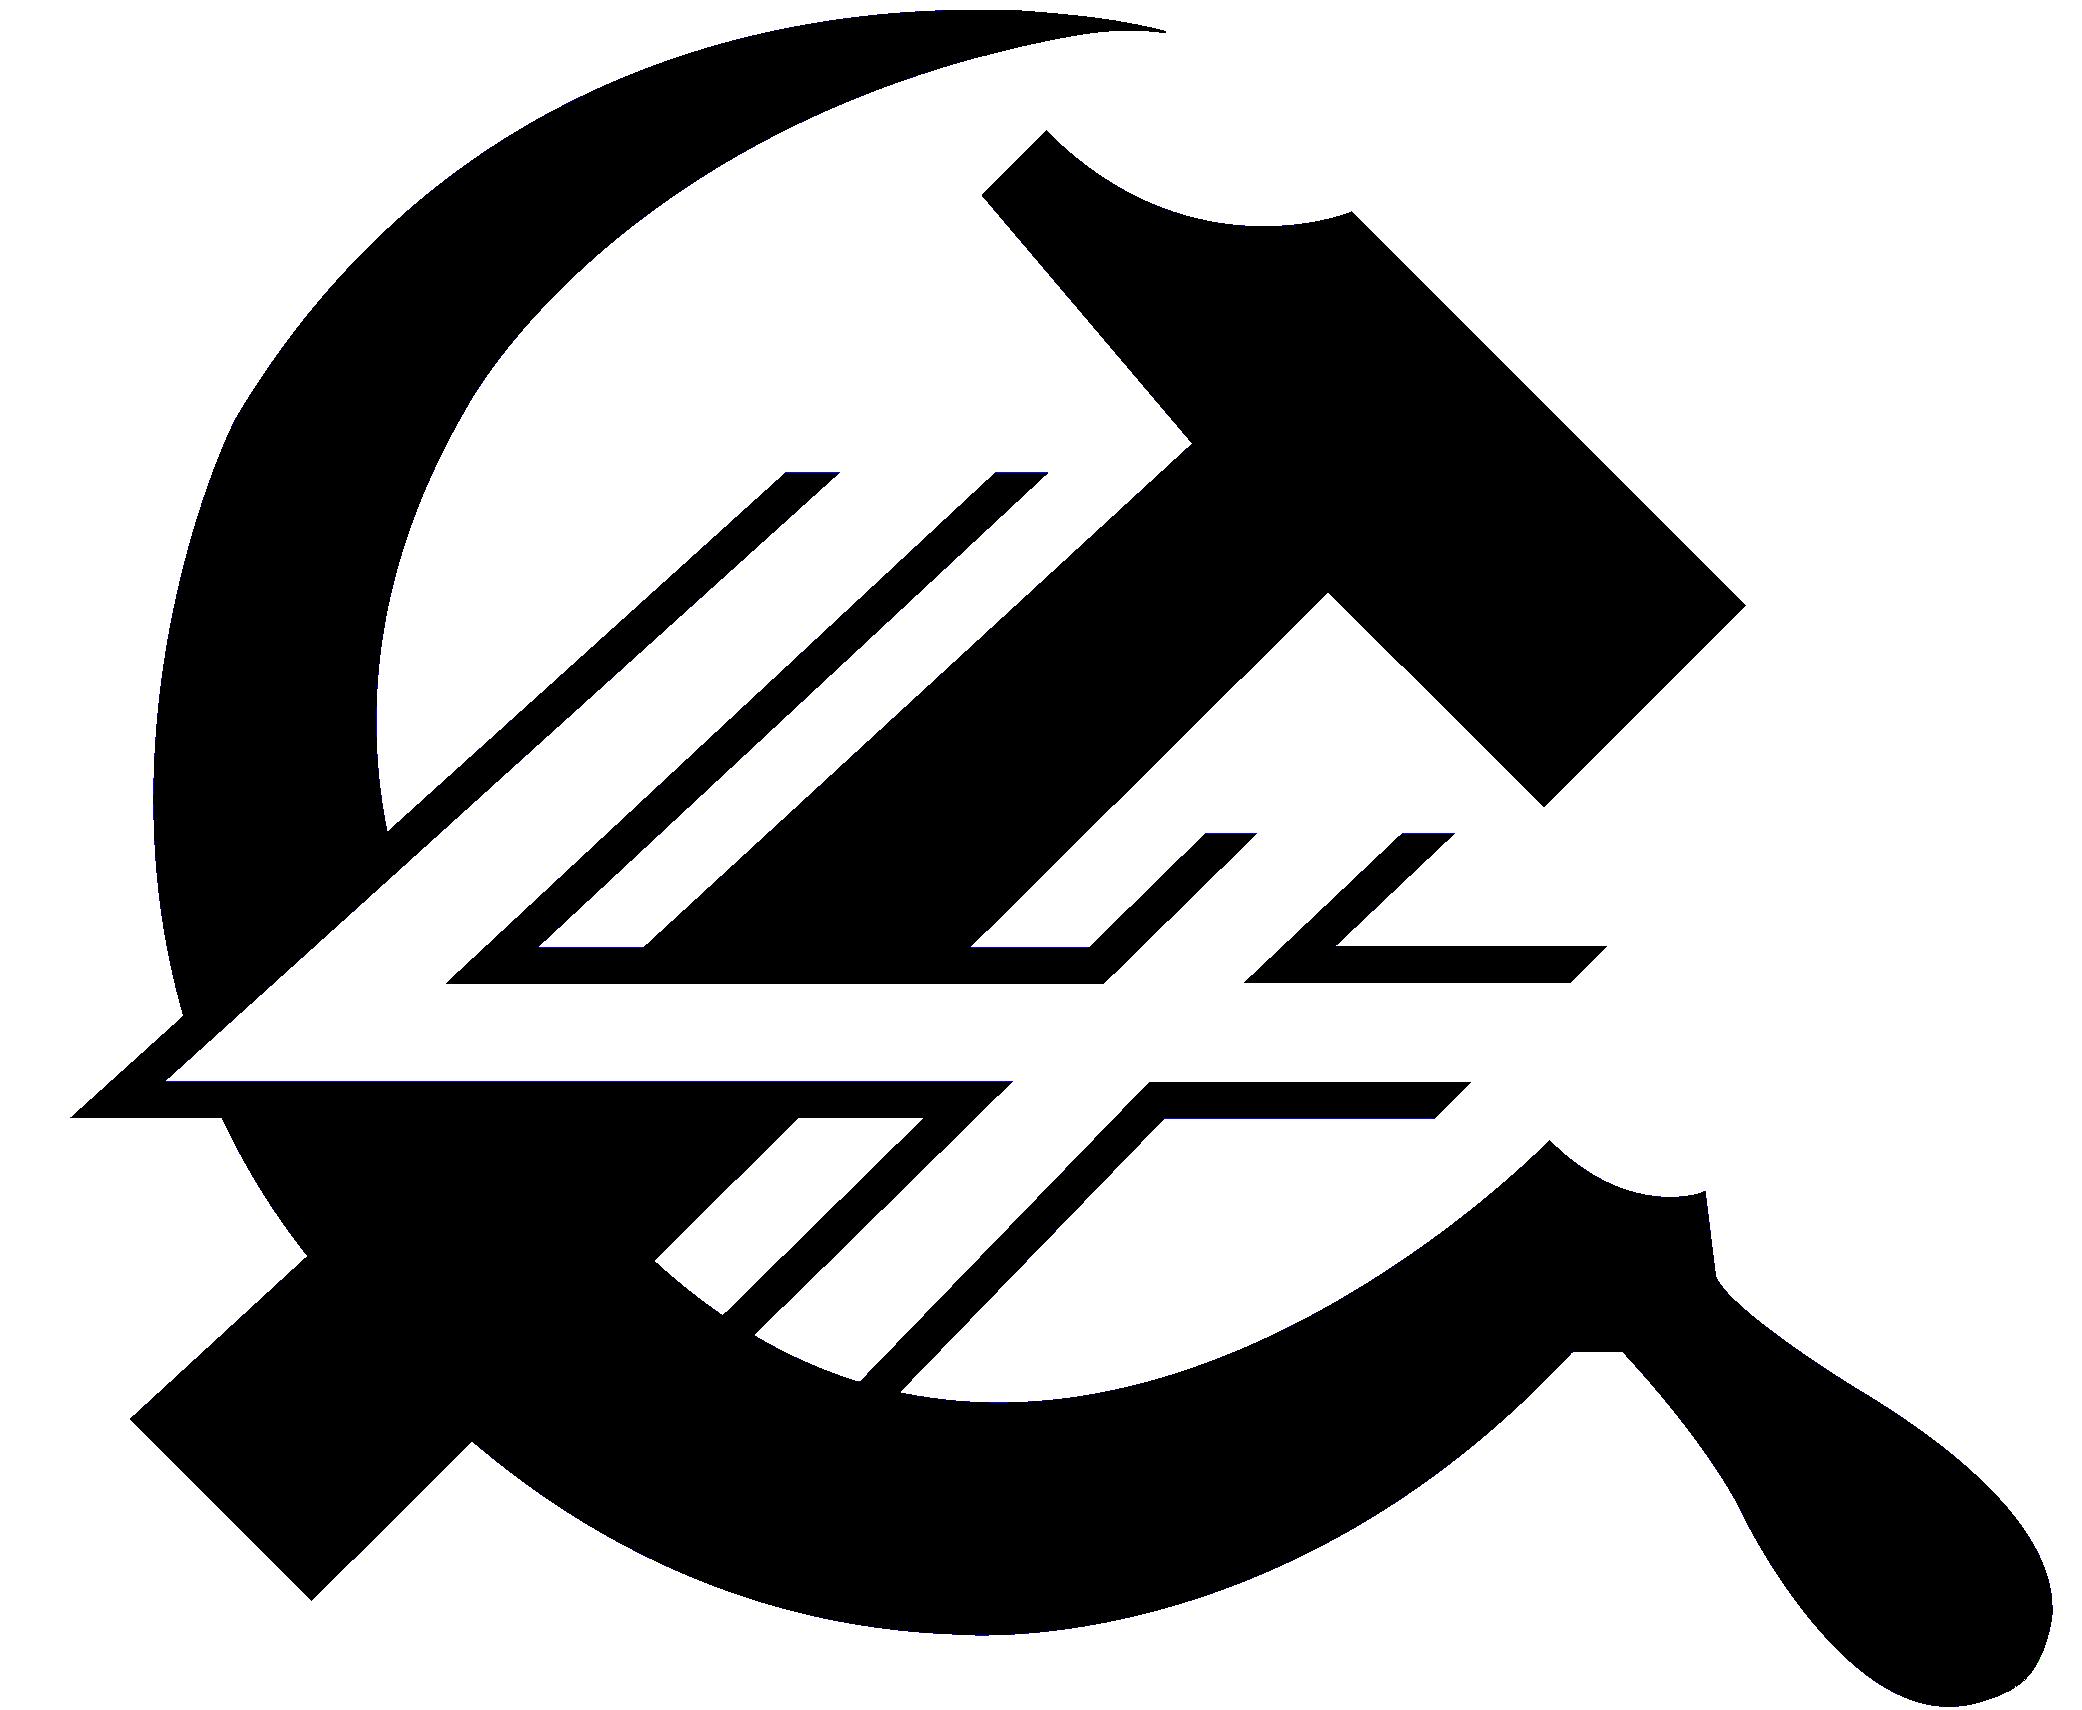 Offener Brief der Revolutionären Internationalistischen Fraktion an die Trotzkistische Fraktion